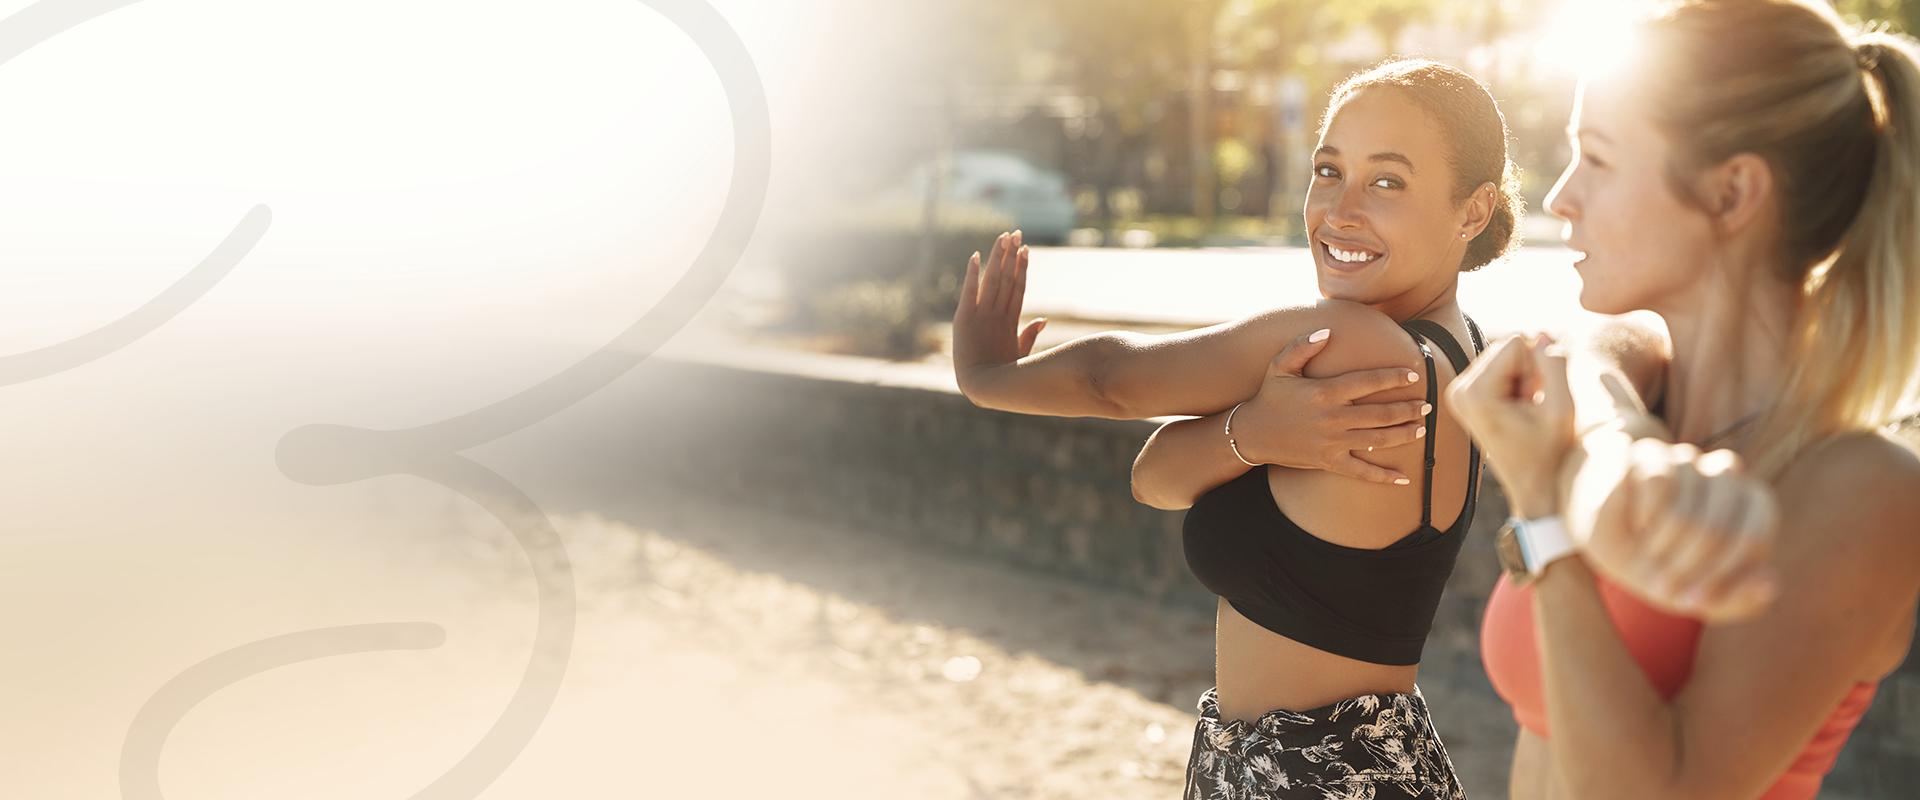 women with stretch-mark-free skin